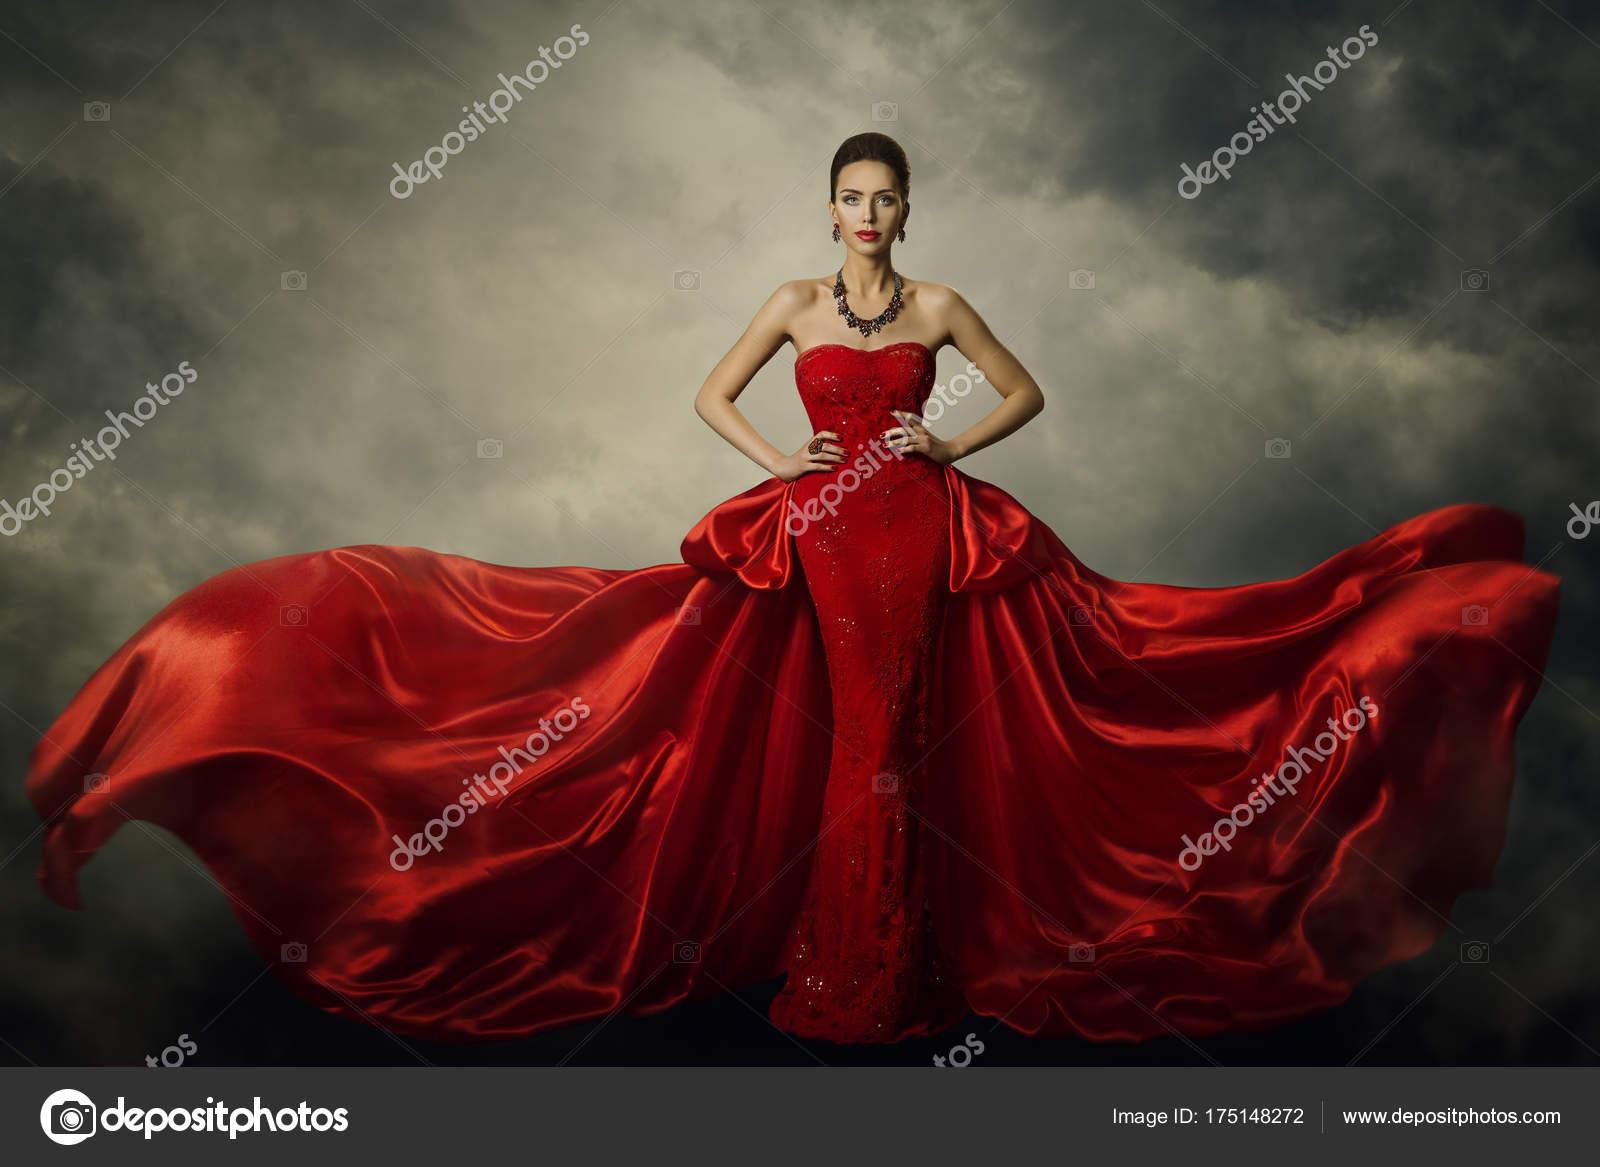 Modell Art Kleid Mode, elegante Frau, die in roten Retro-Kleid ...